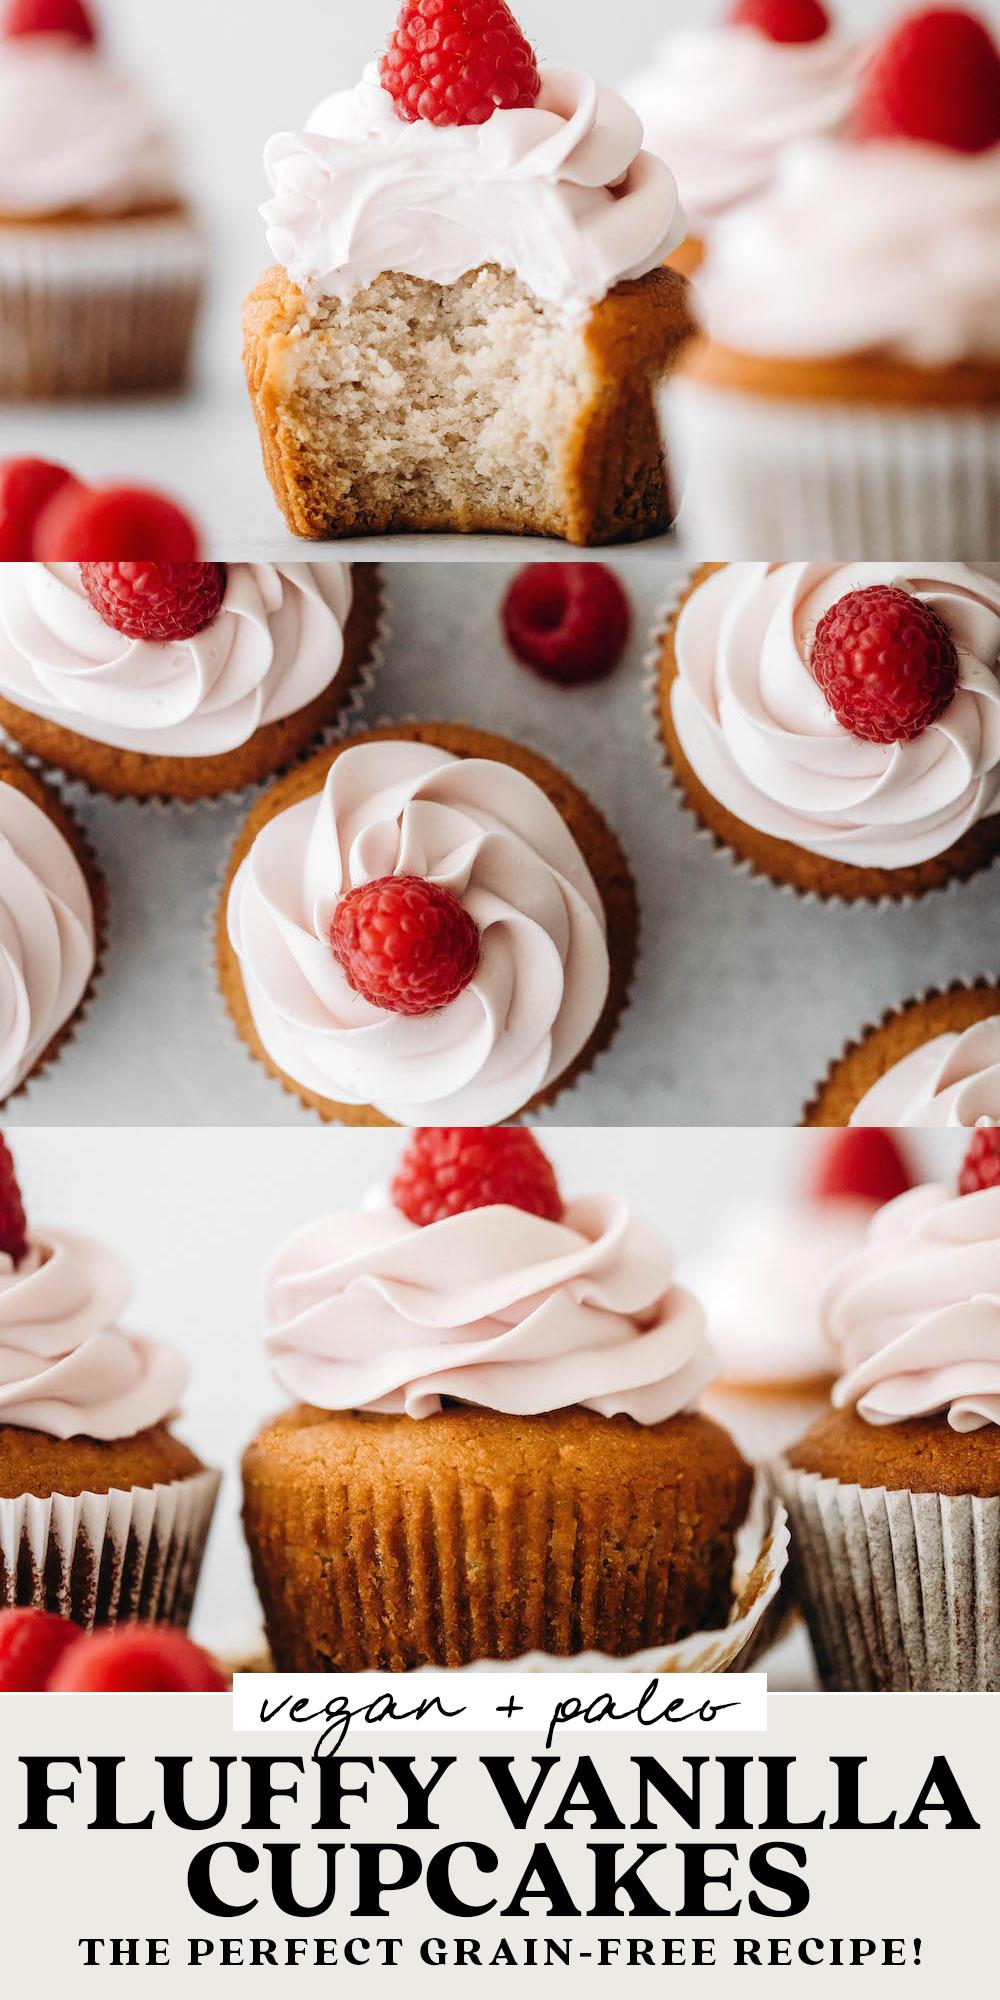 Vegan Paleo Vanilla Cupcakes Recipe In 2021 Chocolate Cake Recipe Easy Paleo Cupcakes Recipes Vanilla Cupcakes